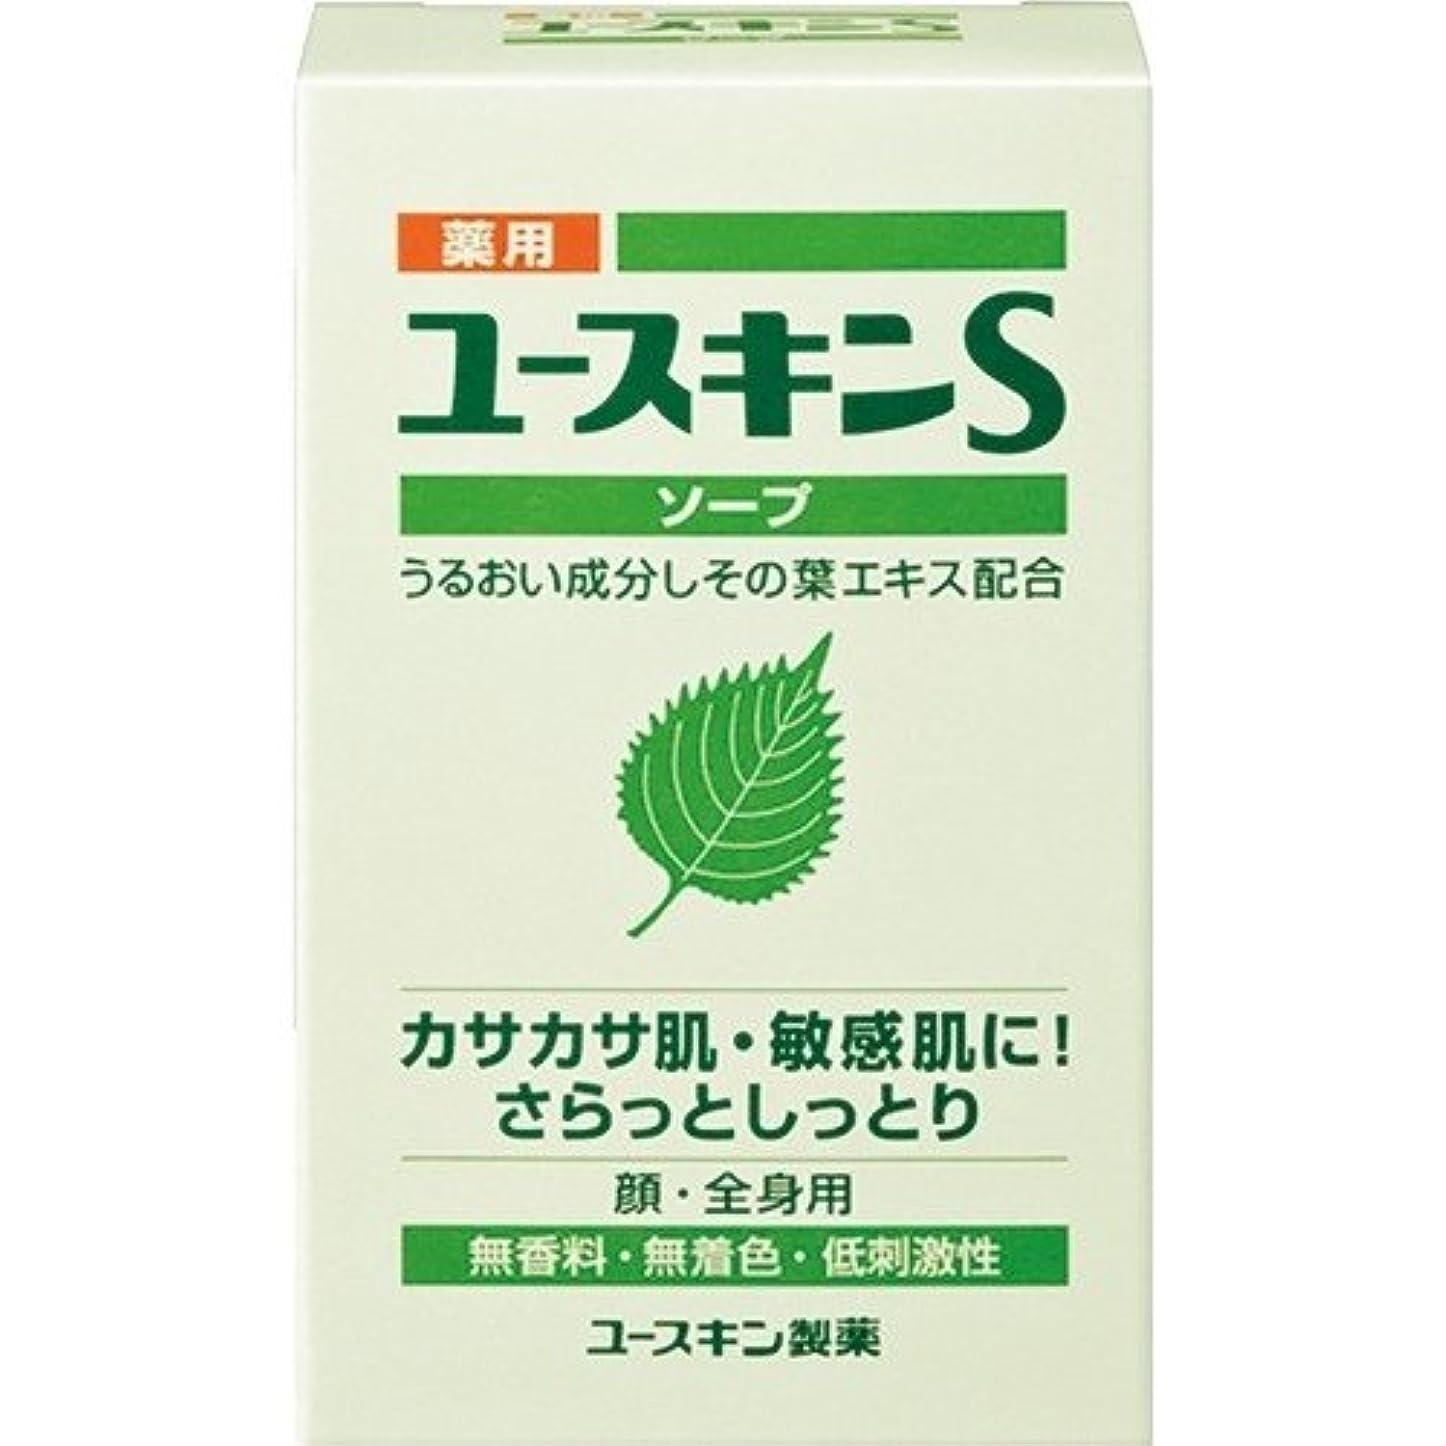 トイレ普及膨張する薬用ユースキンSソープ